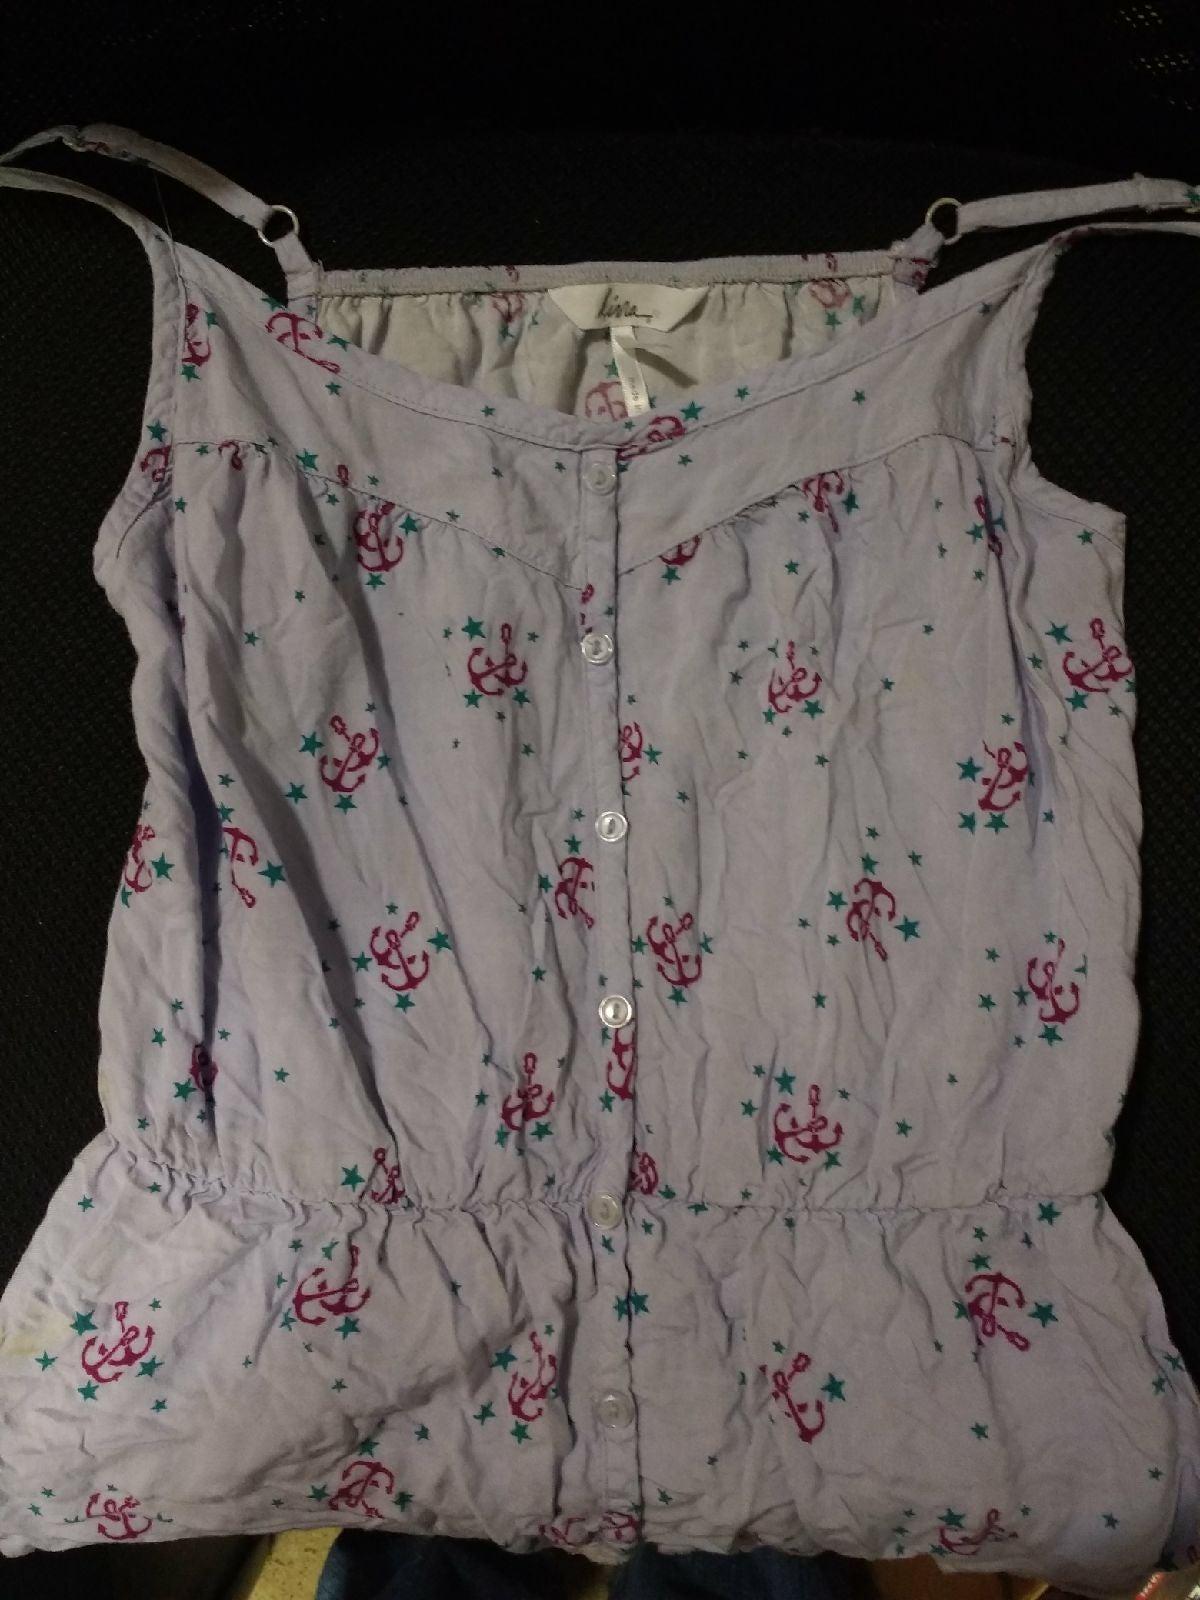 Kirna zabete blouse